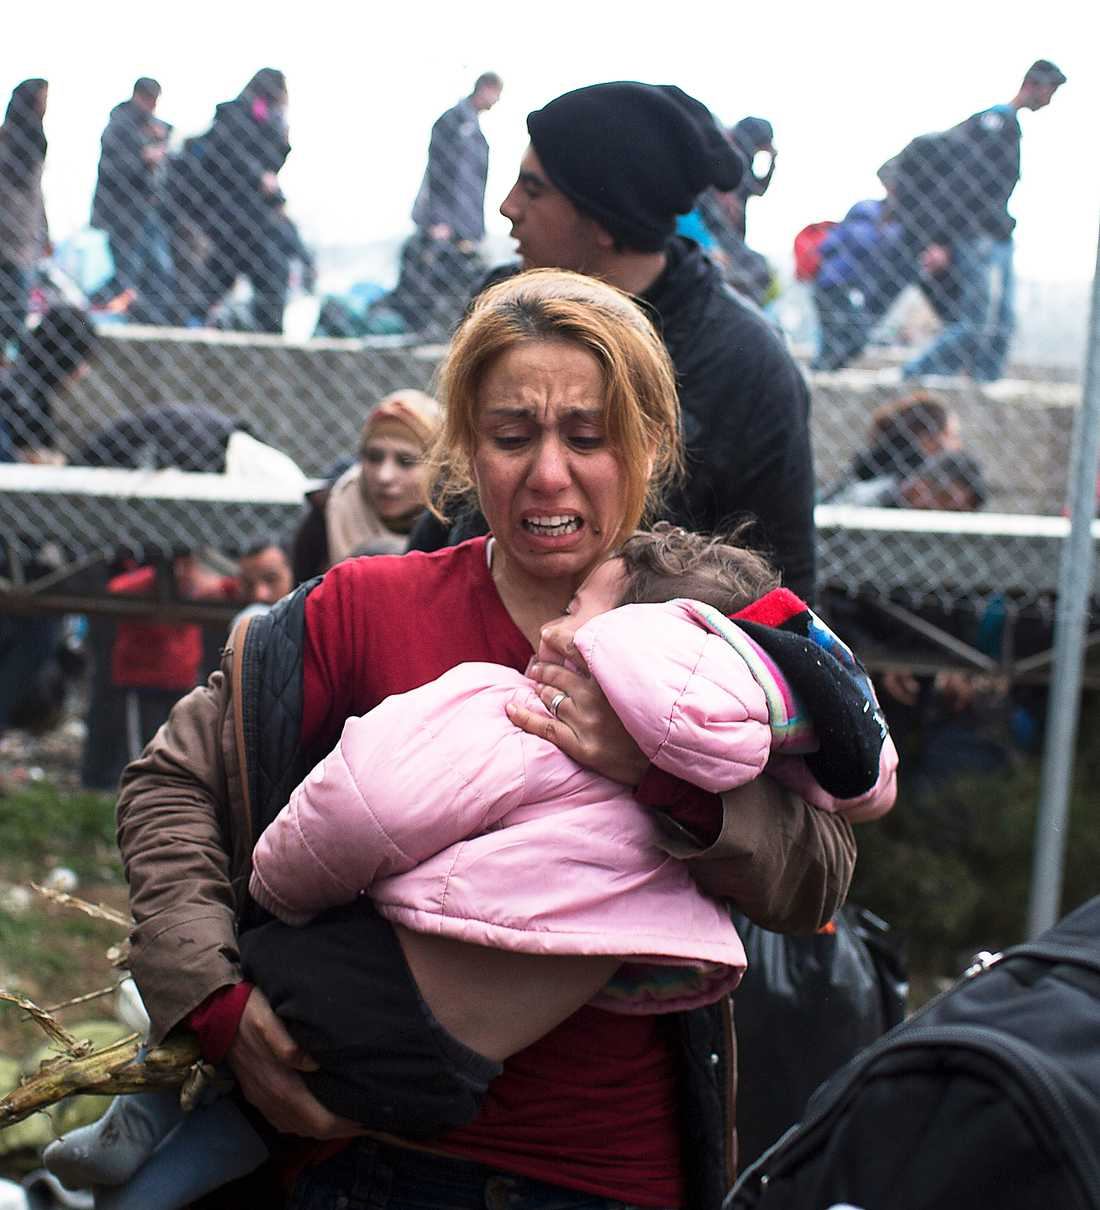 STOPPAS MED GAS En kvinna med ett barn i famnen flyr undan den makedonska polisens tårgasattack vid grekiska gränsen i Idomeni.